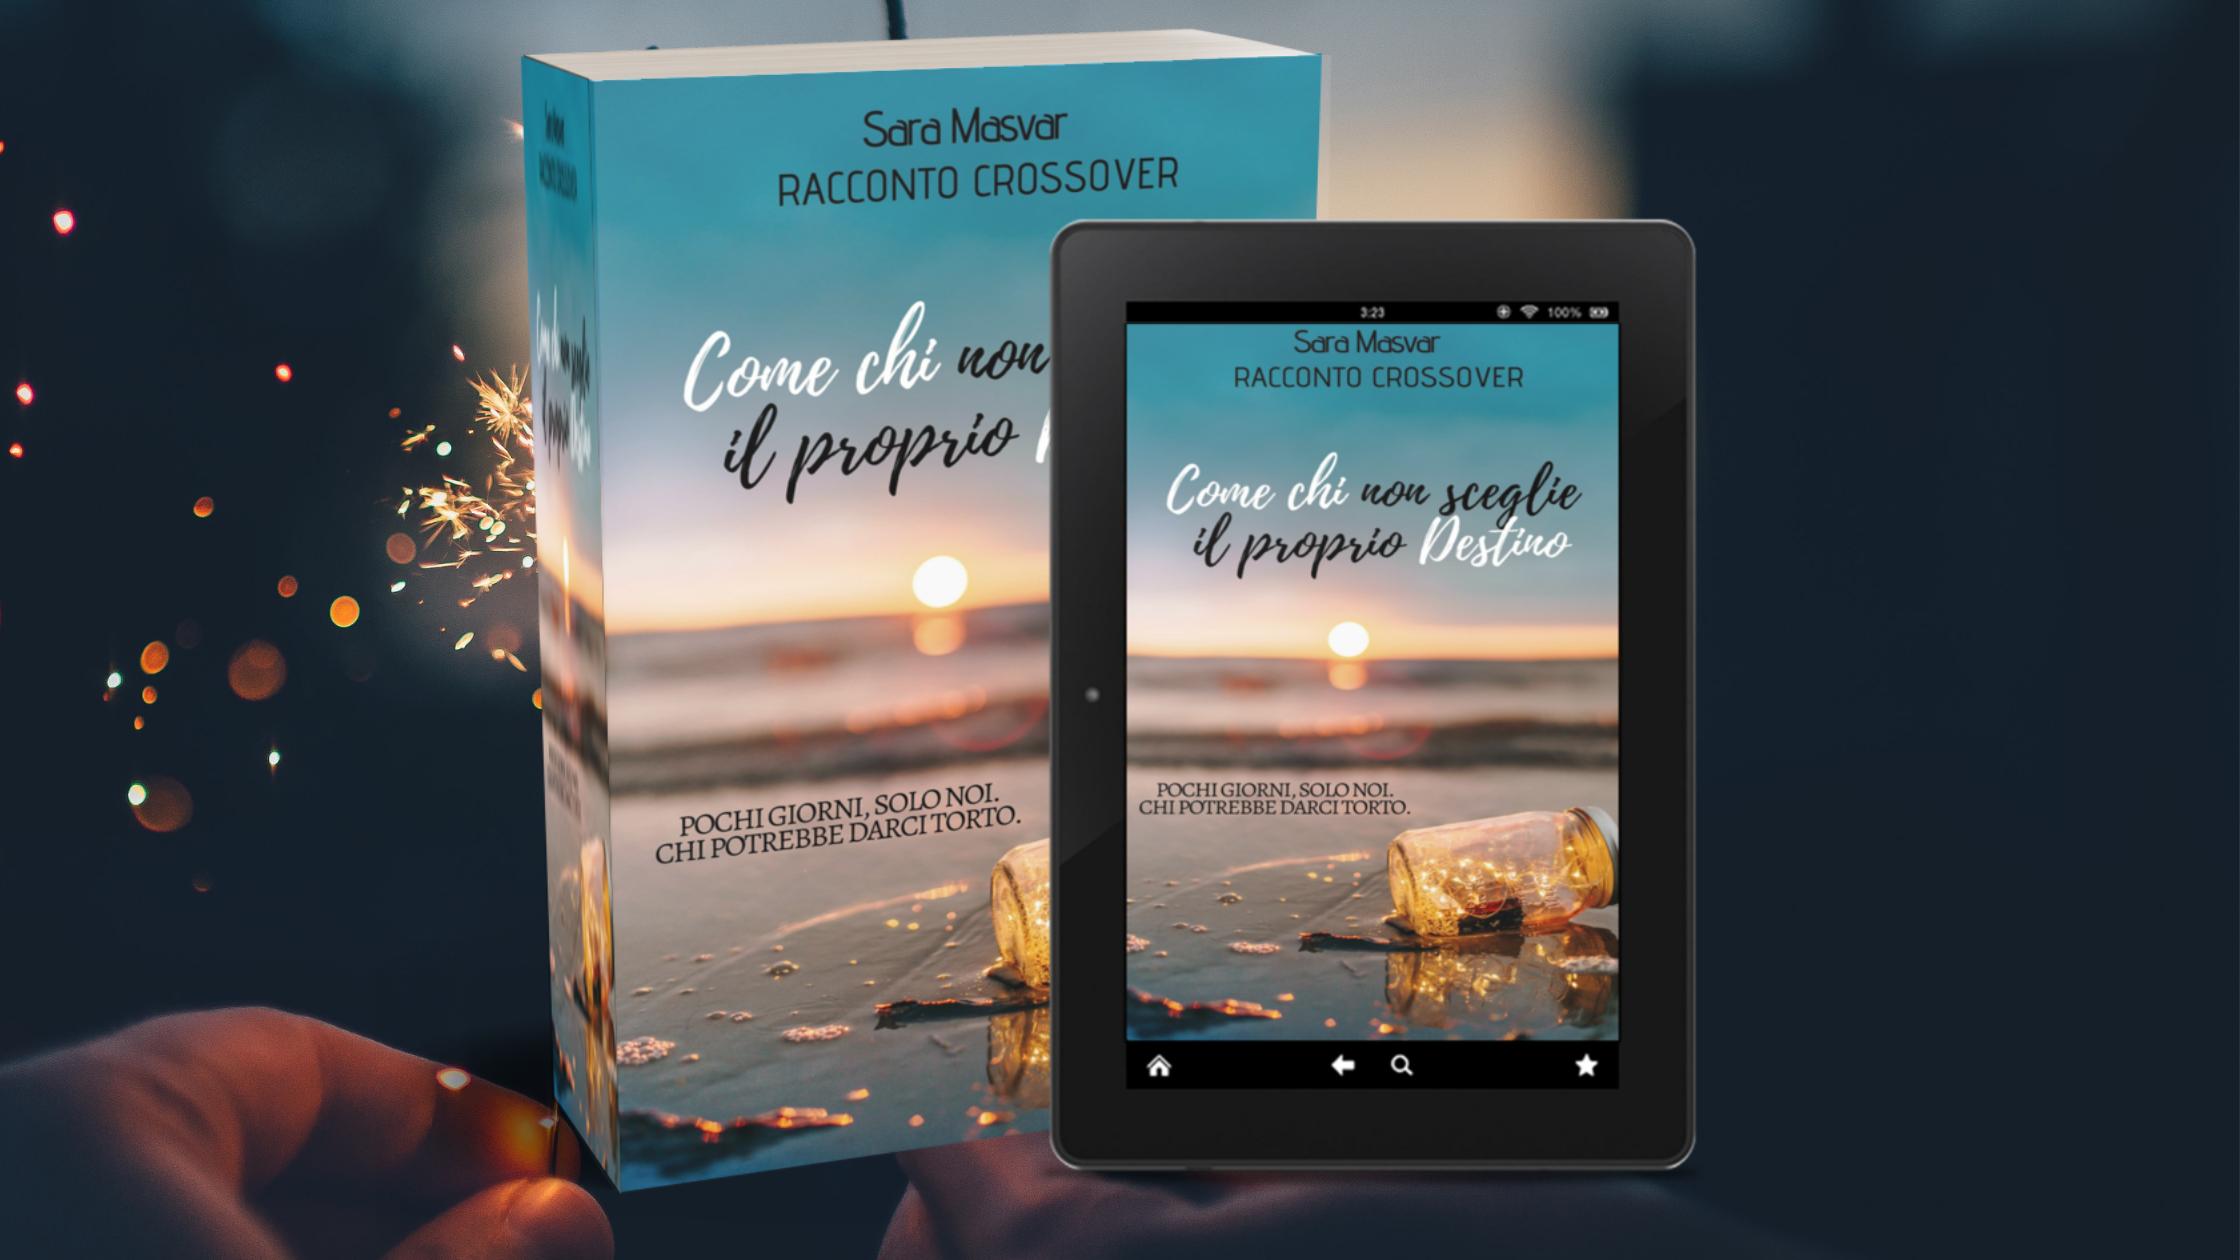 come chi non sceglie il proprio destino racconto crossover natale sara masvar amazon 2019 extra novella viaggio passione tabiano castello